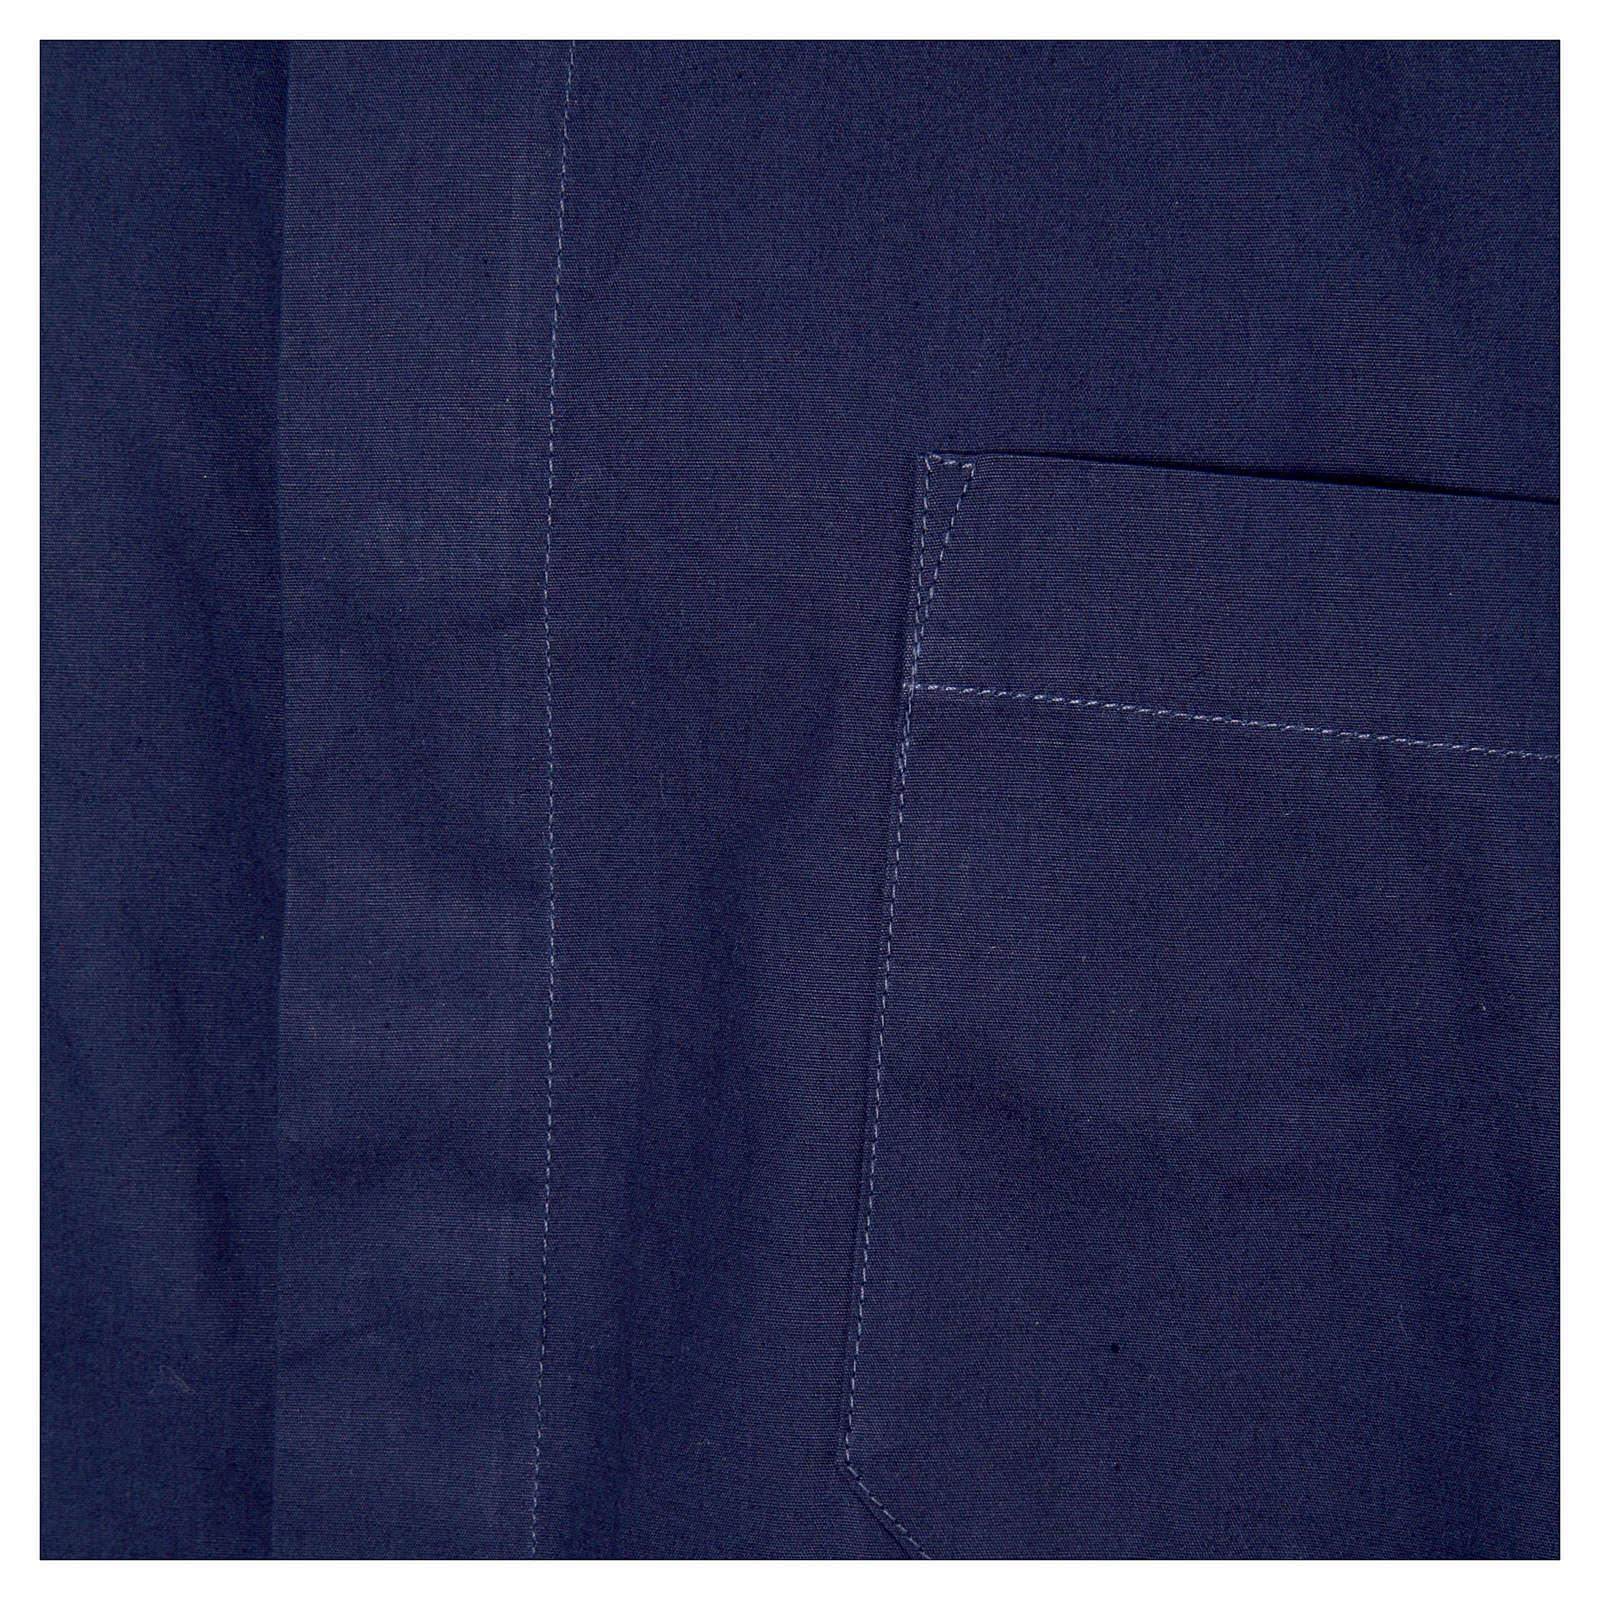 STOCK Camisa clergyman manga corta popelina azul 4